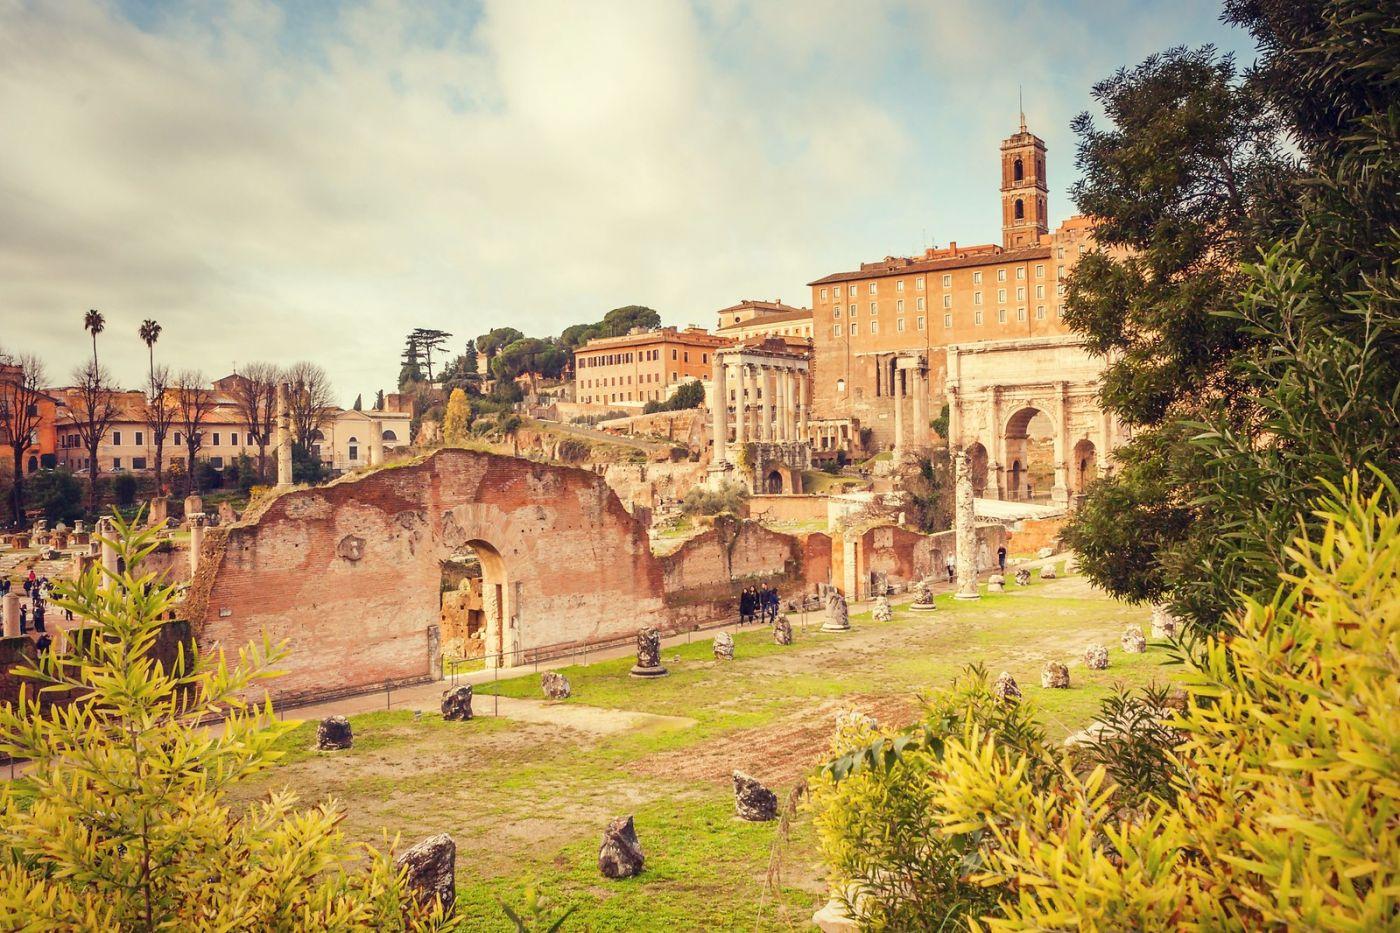 意大利罗马论坛,很敬佩_图1-39